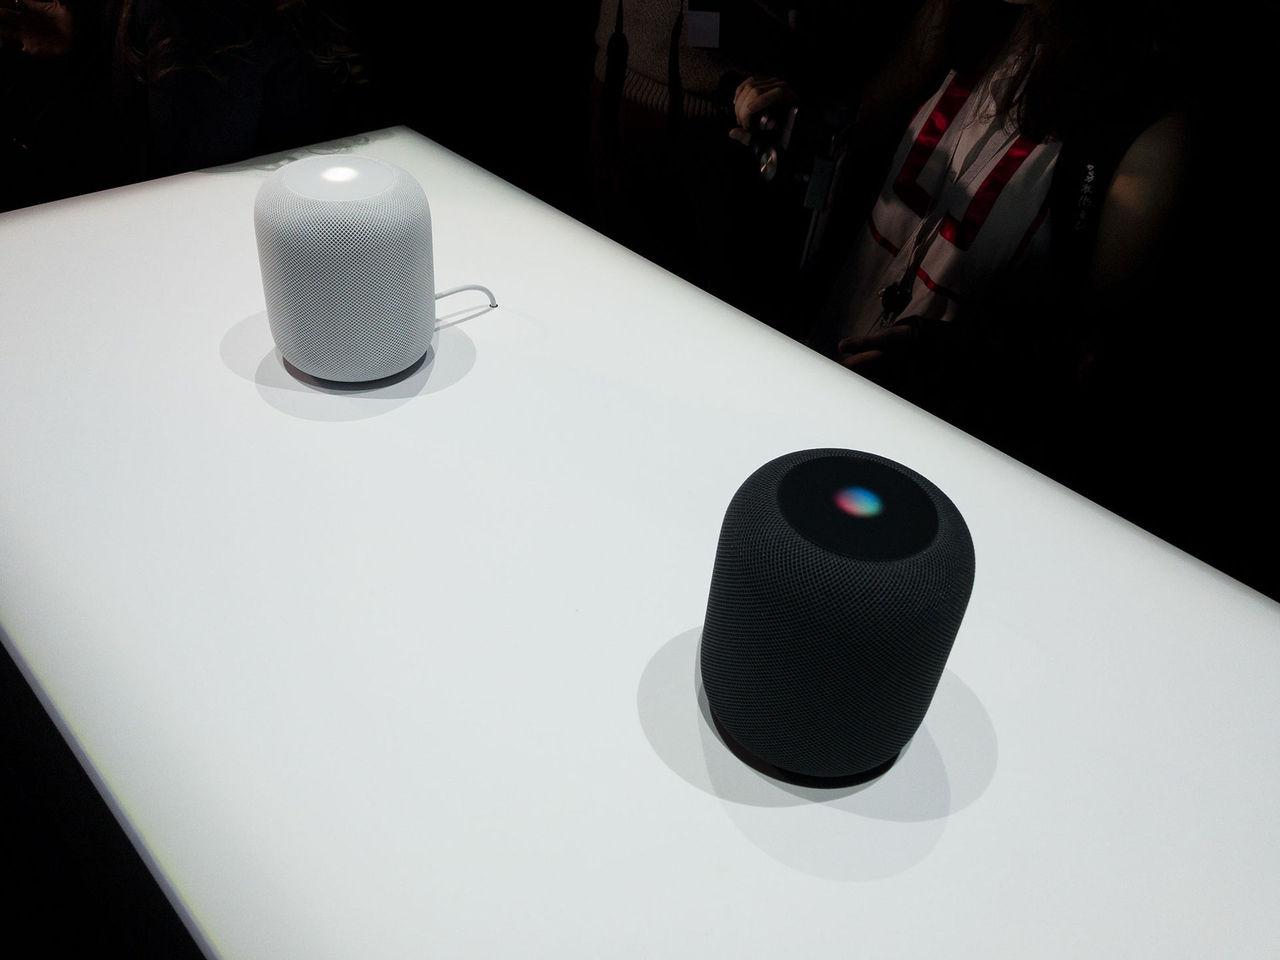 Apples HomePod verkar ha blivit en försäljningsflopp